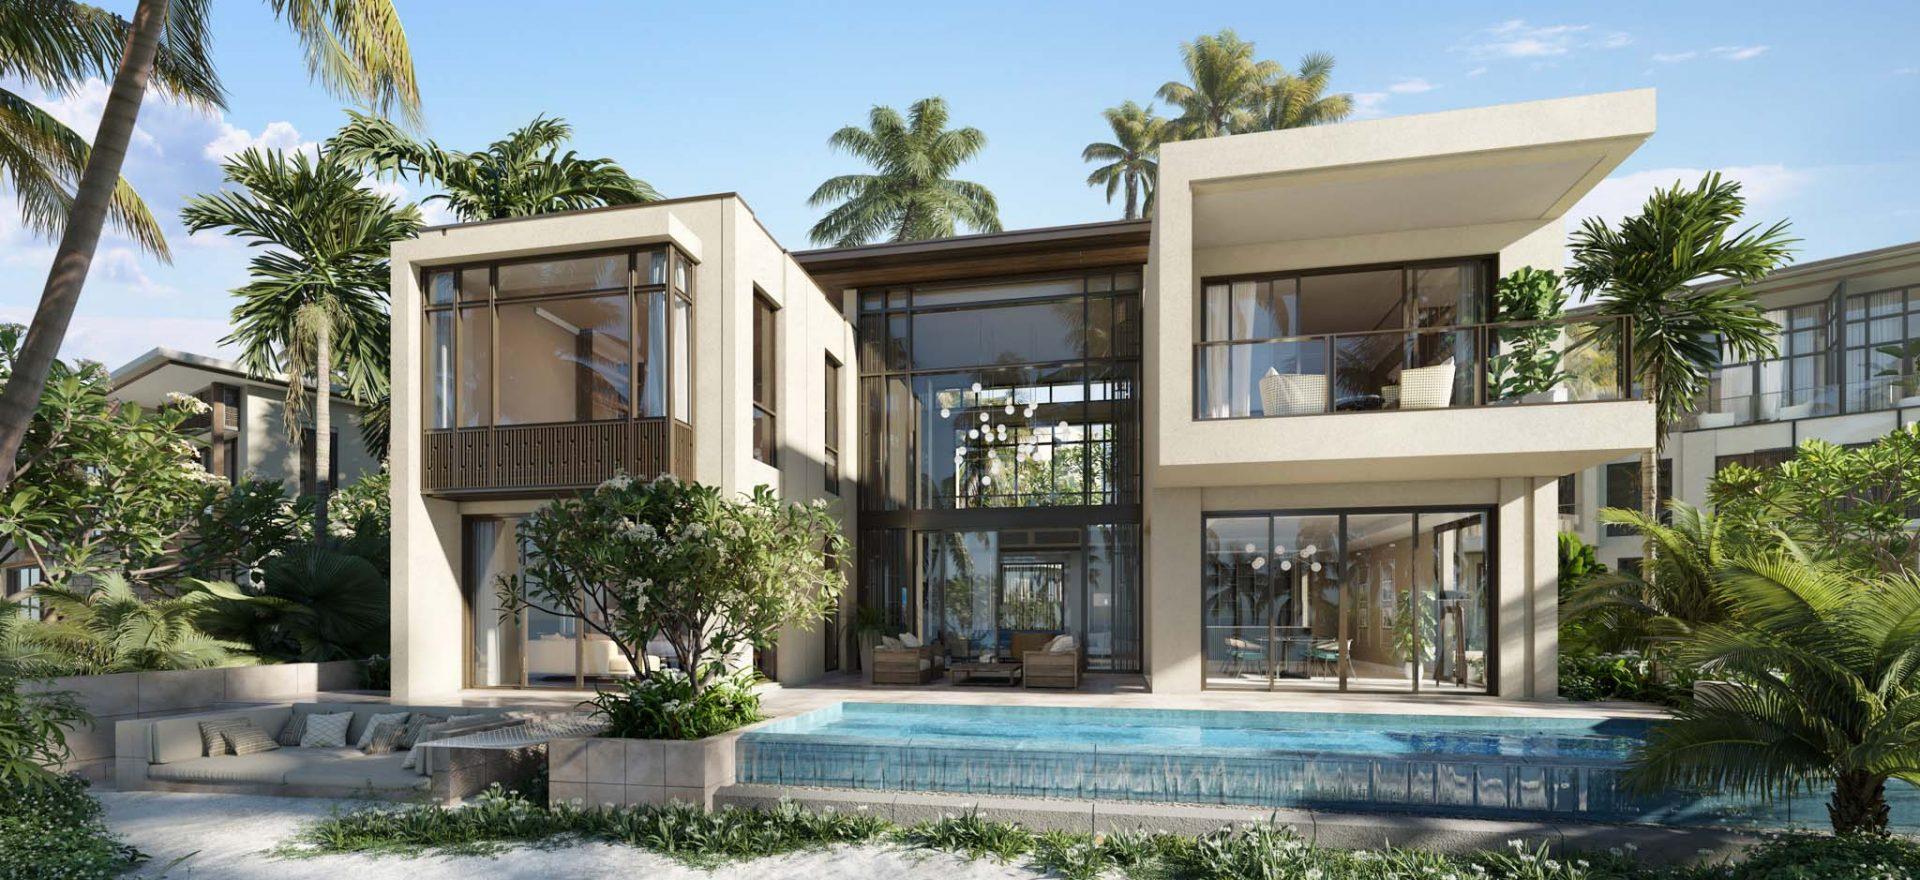 InterContinental Ha Long - Phoi canh Beach villas